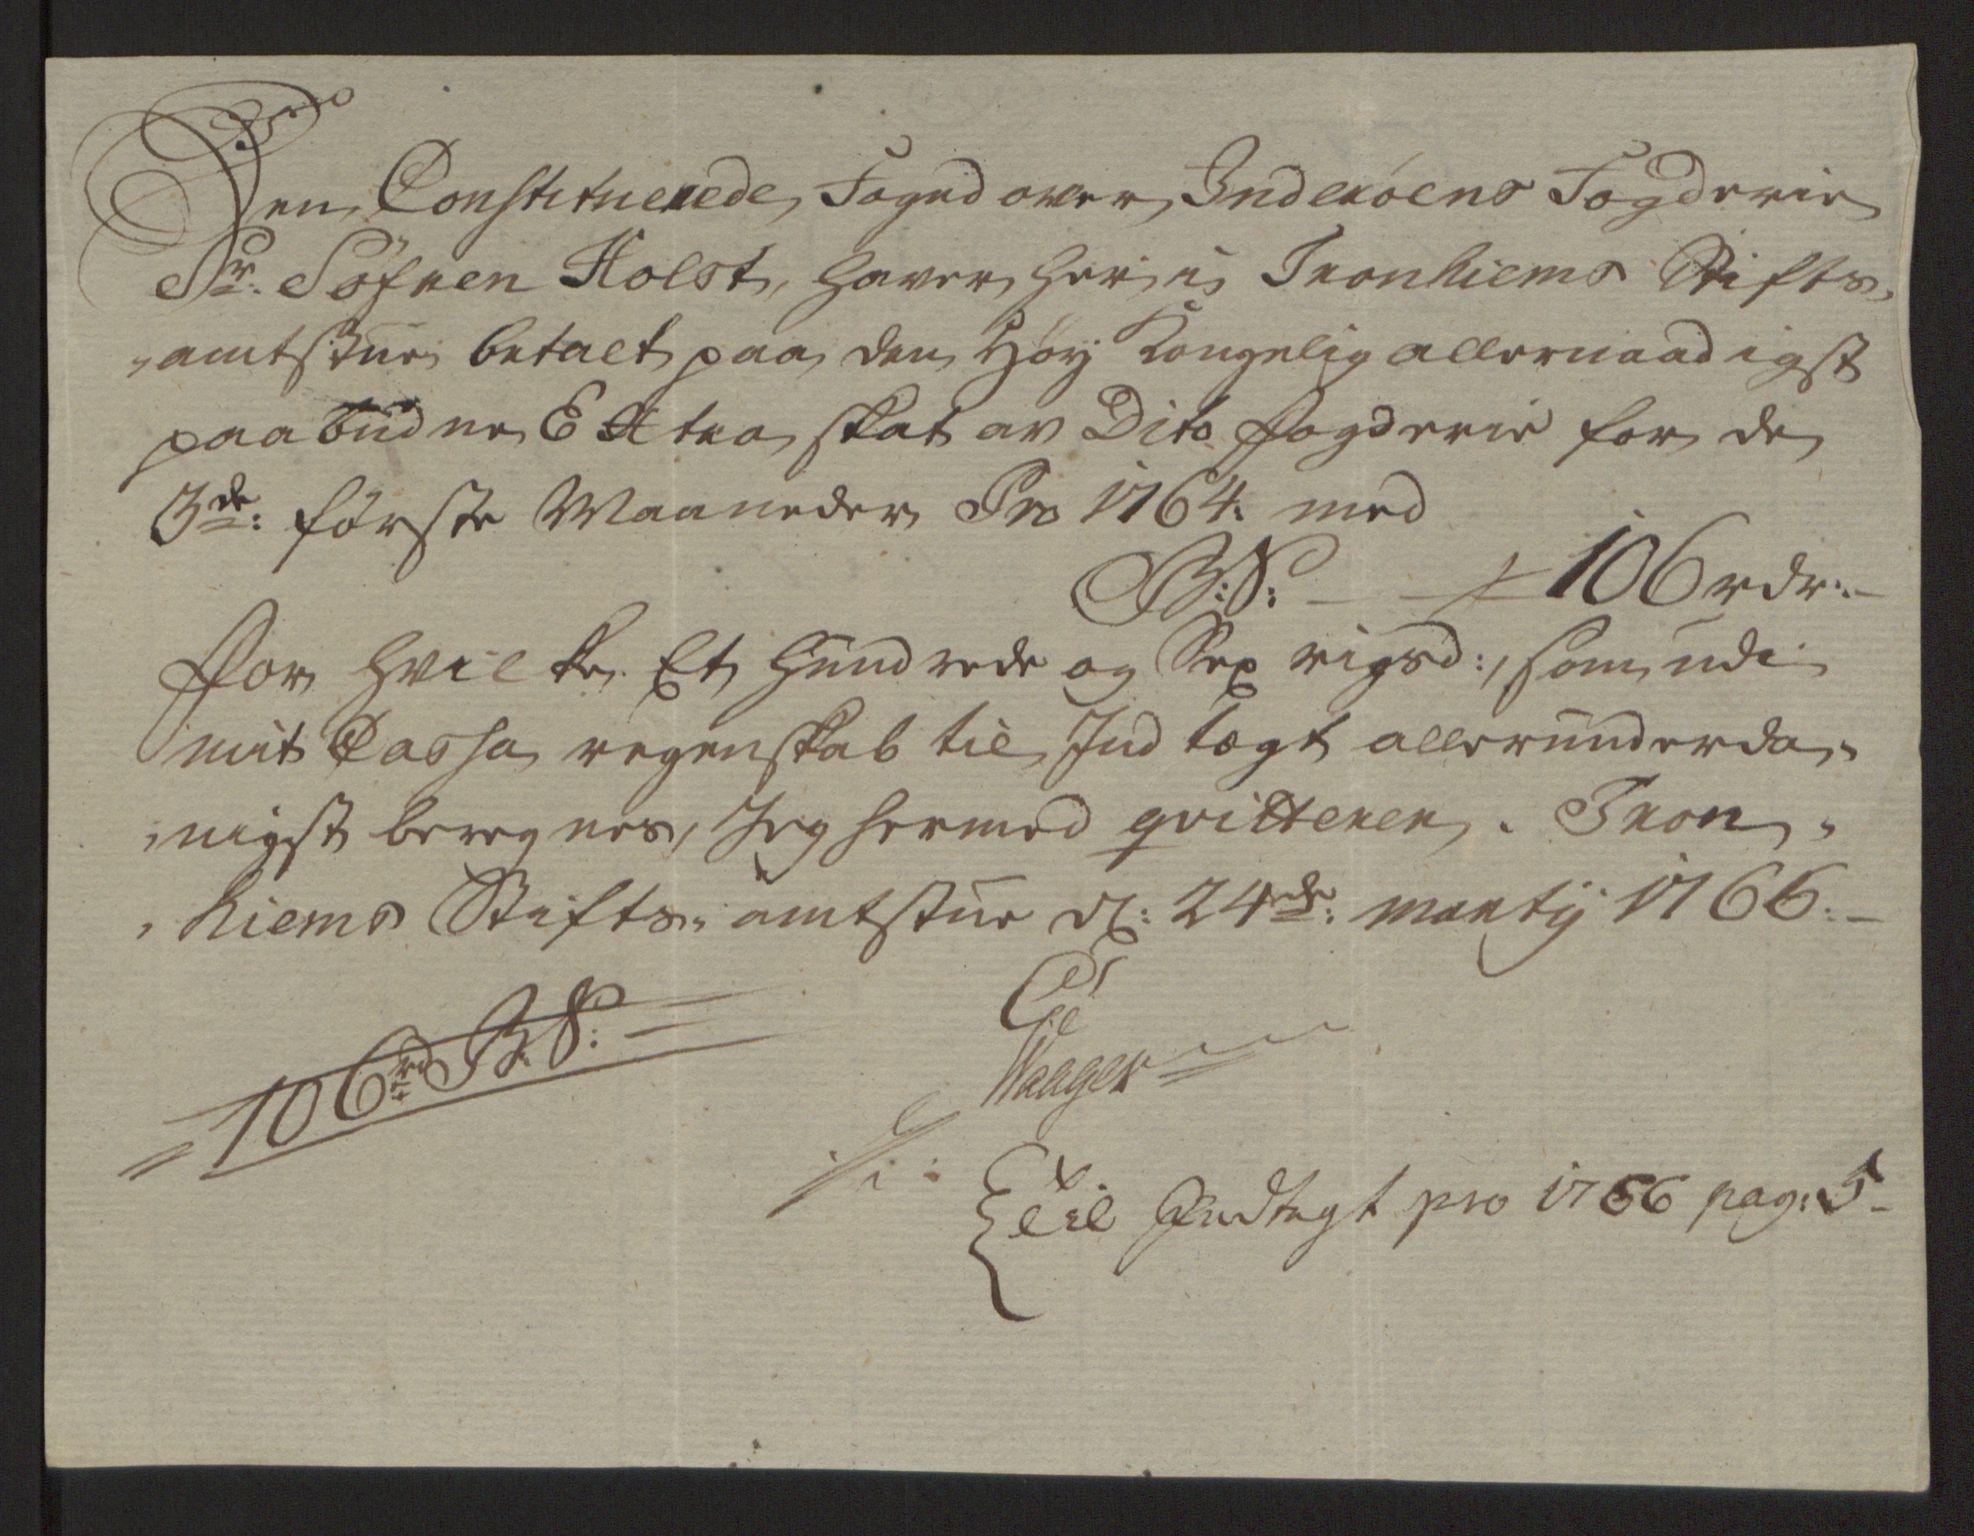 RA, Rentekammeret inntil 1814, Reviderte regnskaper, Fogderegnskap, R63/L4420: Ekstraskatten Inderøy, 1762-1772, s. 158